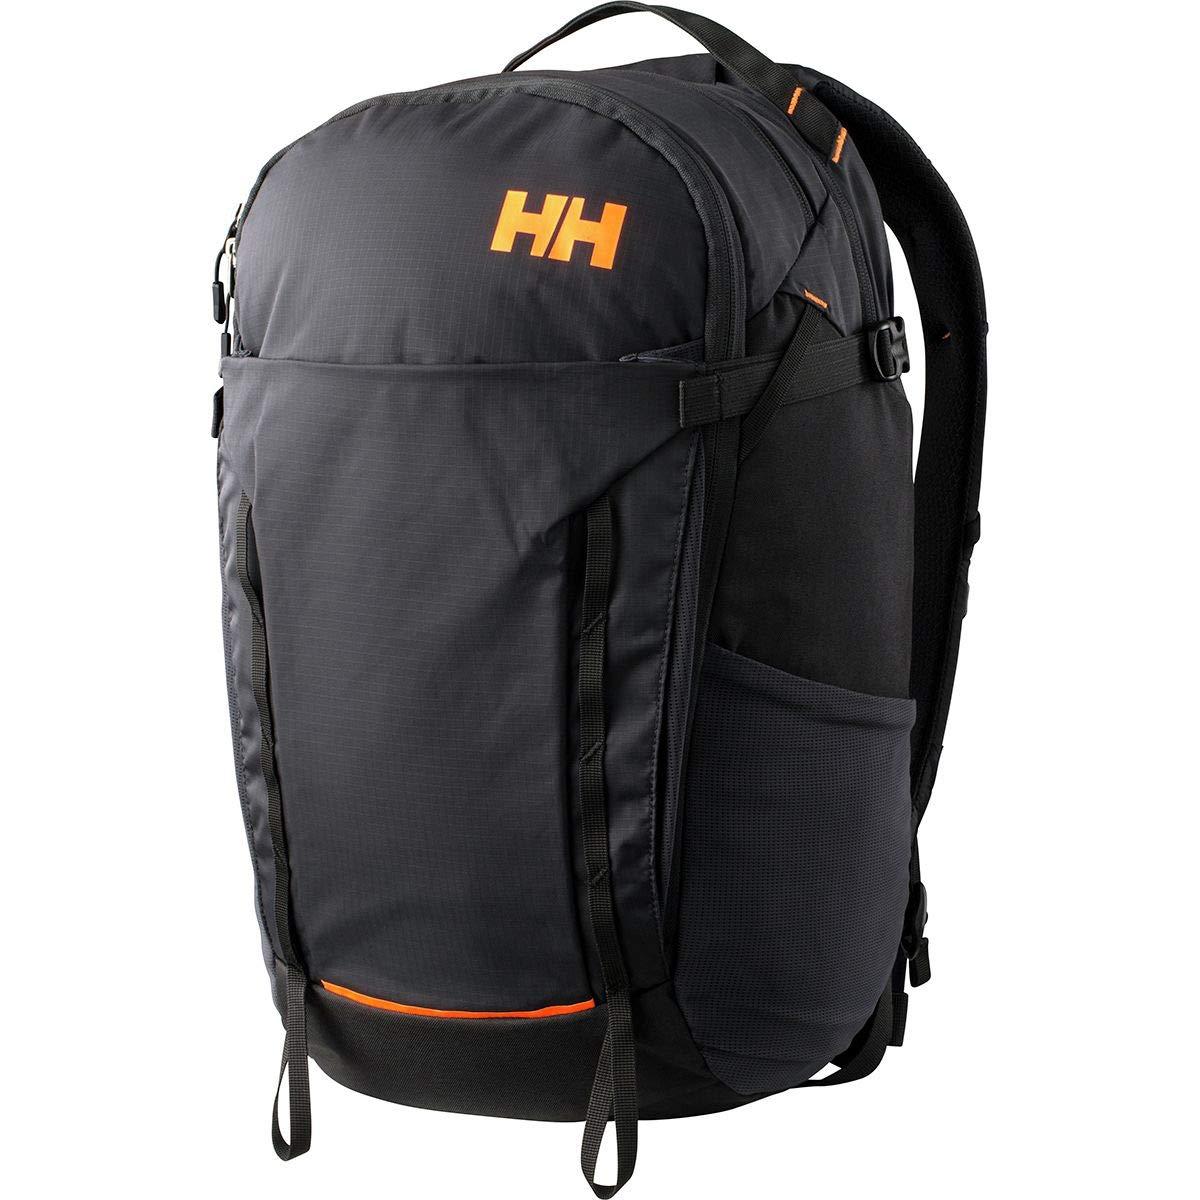 (ヘリーハンセン)Helly Hansen Vanir 25L Backpackメンズ バックパック リュック Black [並行輸入品]   B07L4JQ6XP